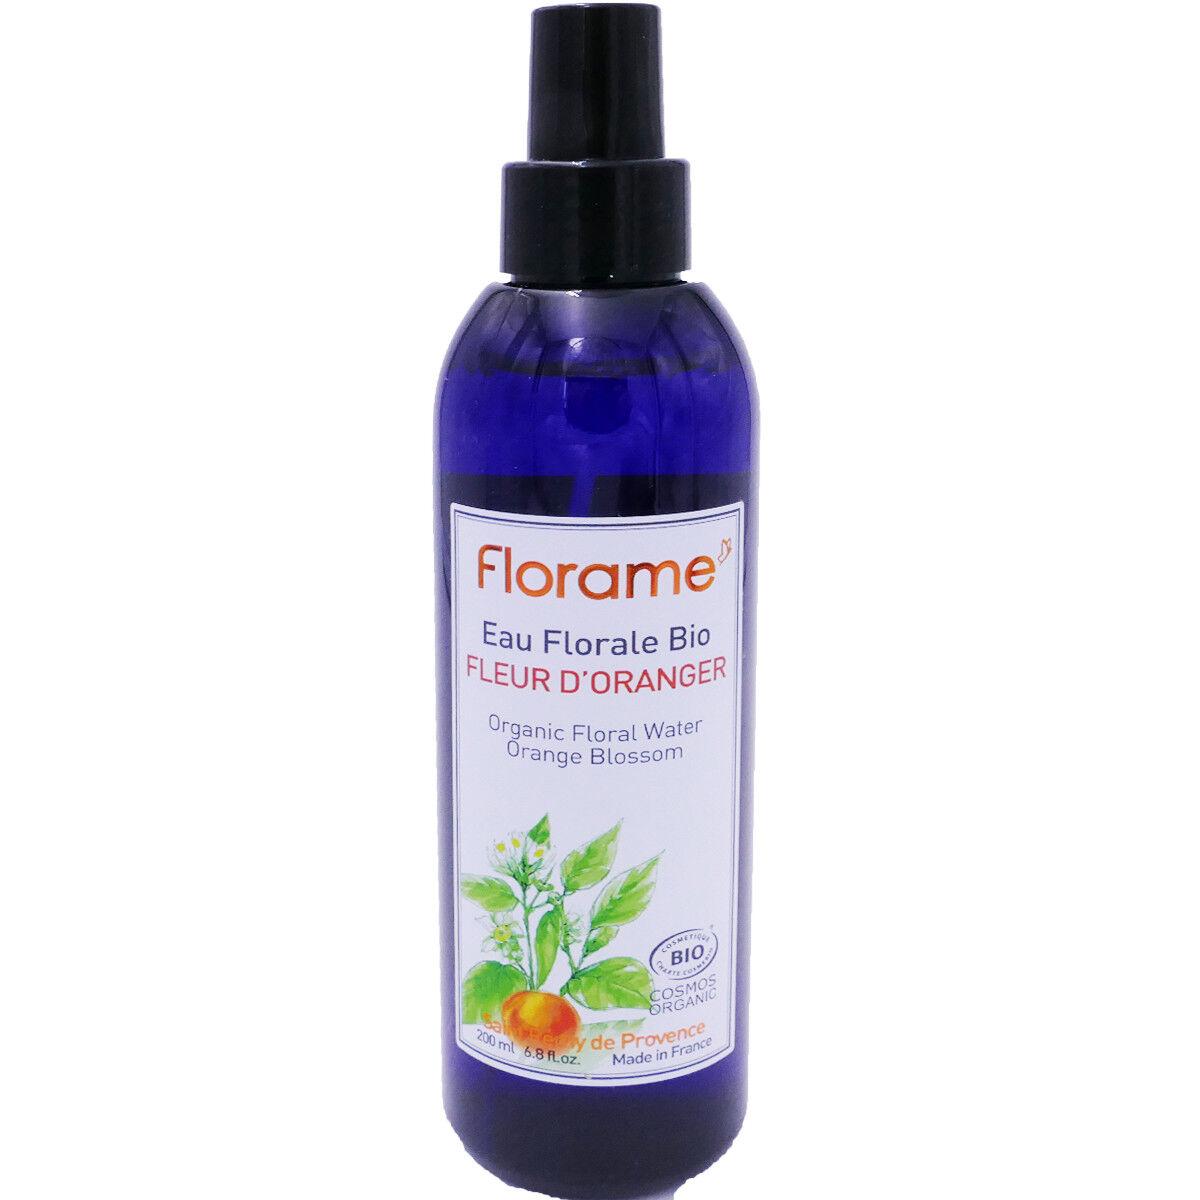 Florame eau florale bio fleur d'oranger 200ml